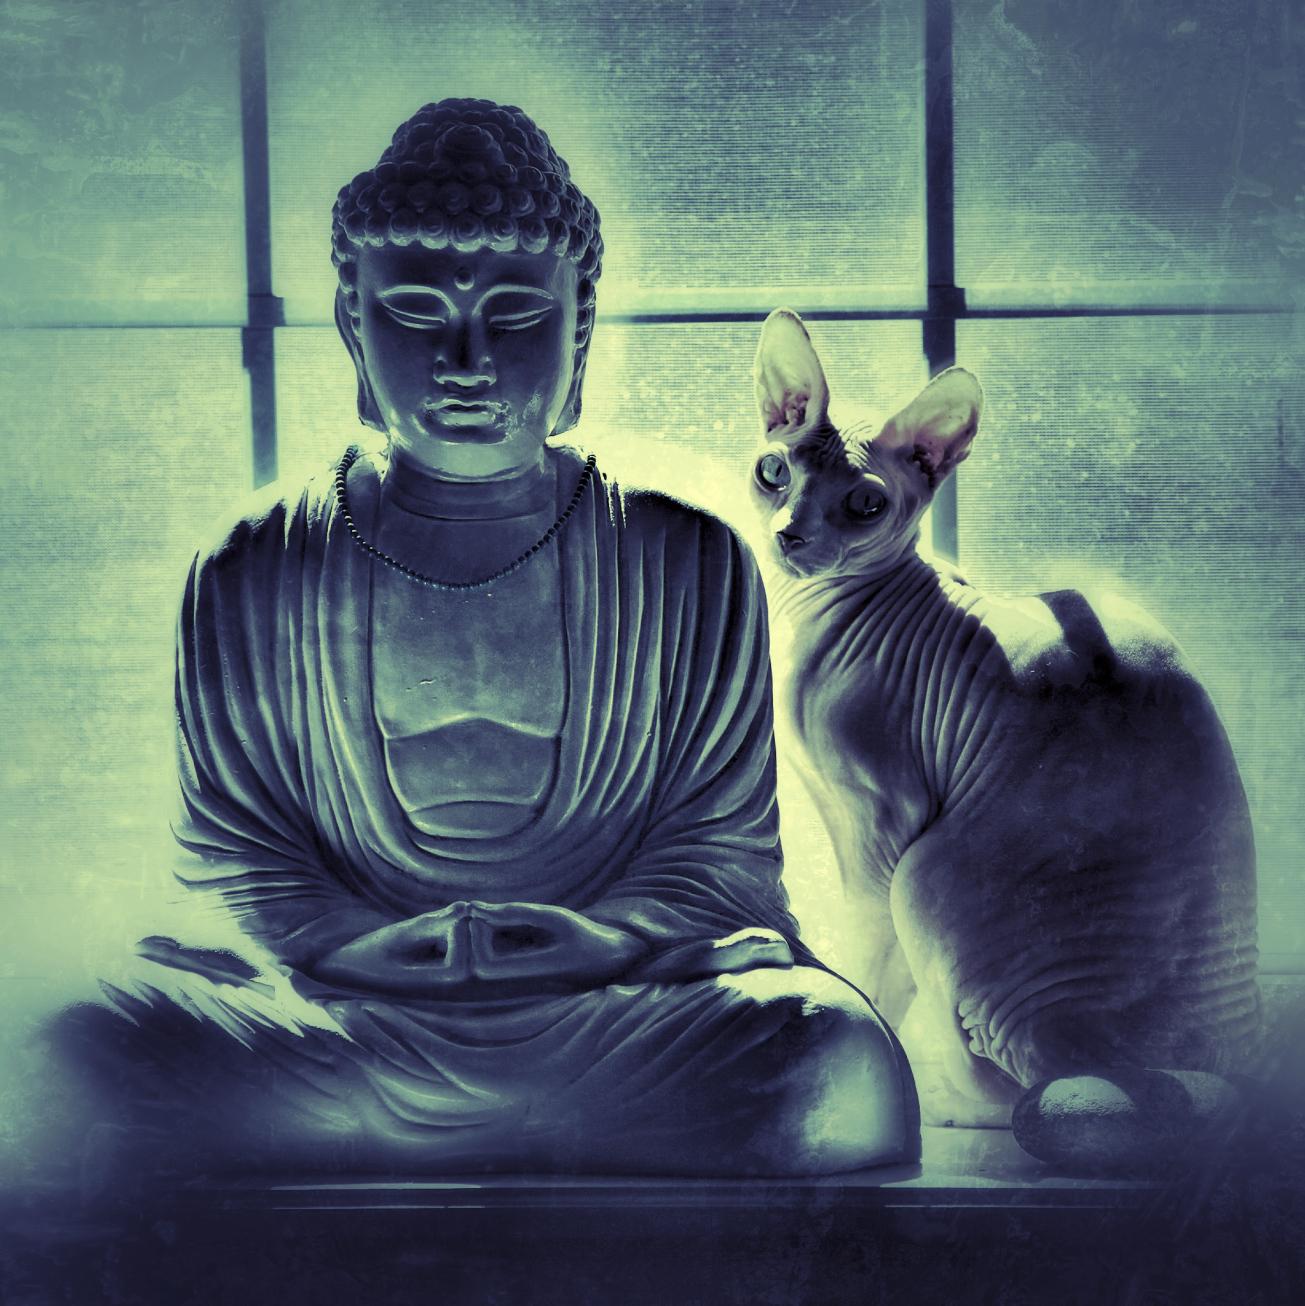 кот буддист картинки должно быть достаточно